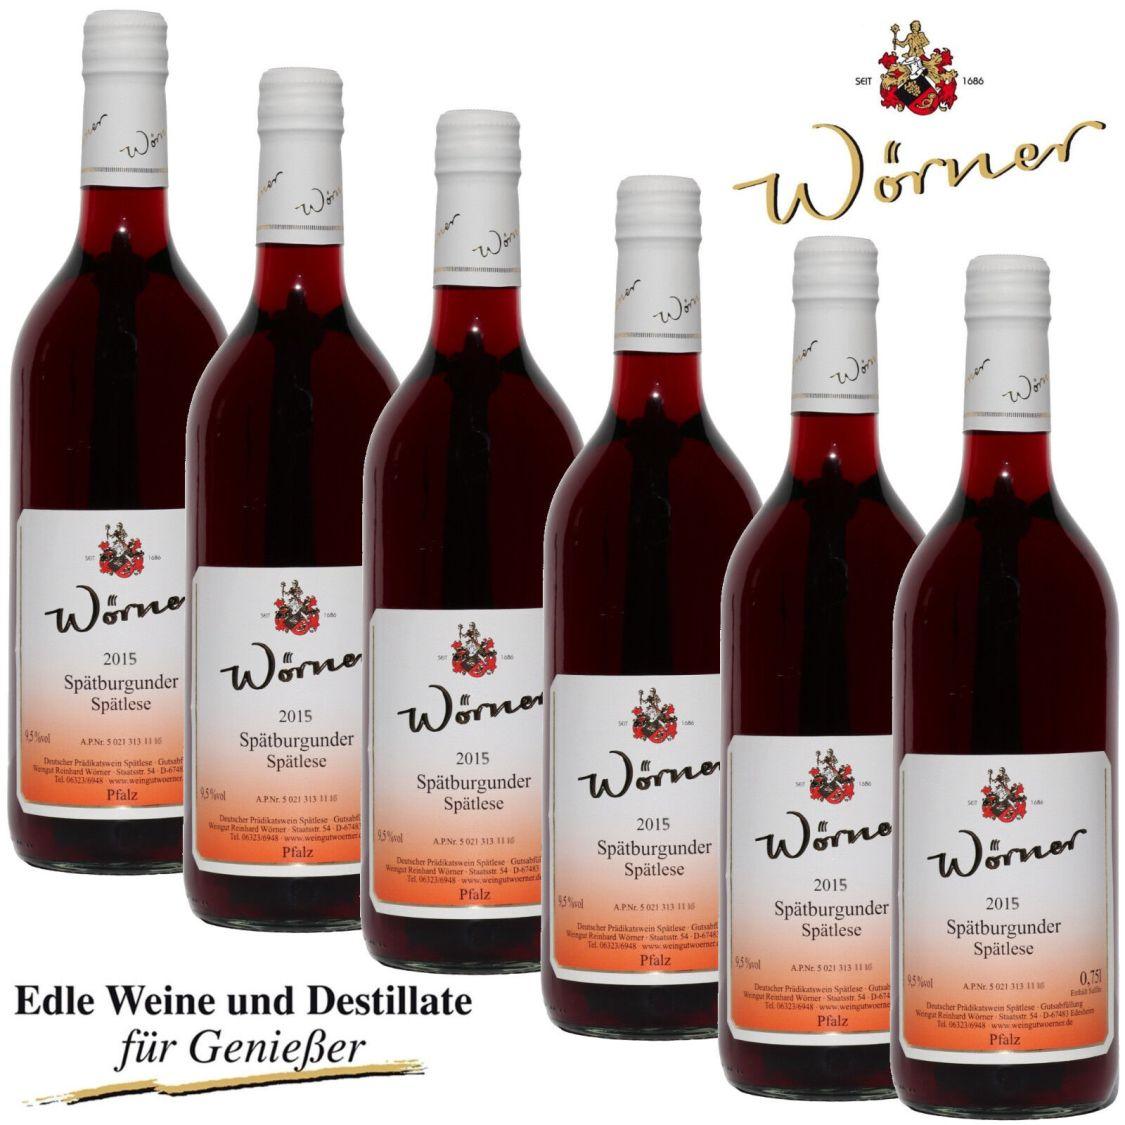 (6,66€/l) Spätburgunder Spätlese 6 Fl. WEINGUT WÖRNER Rotwein süß Prädikatswein